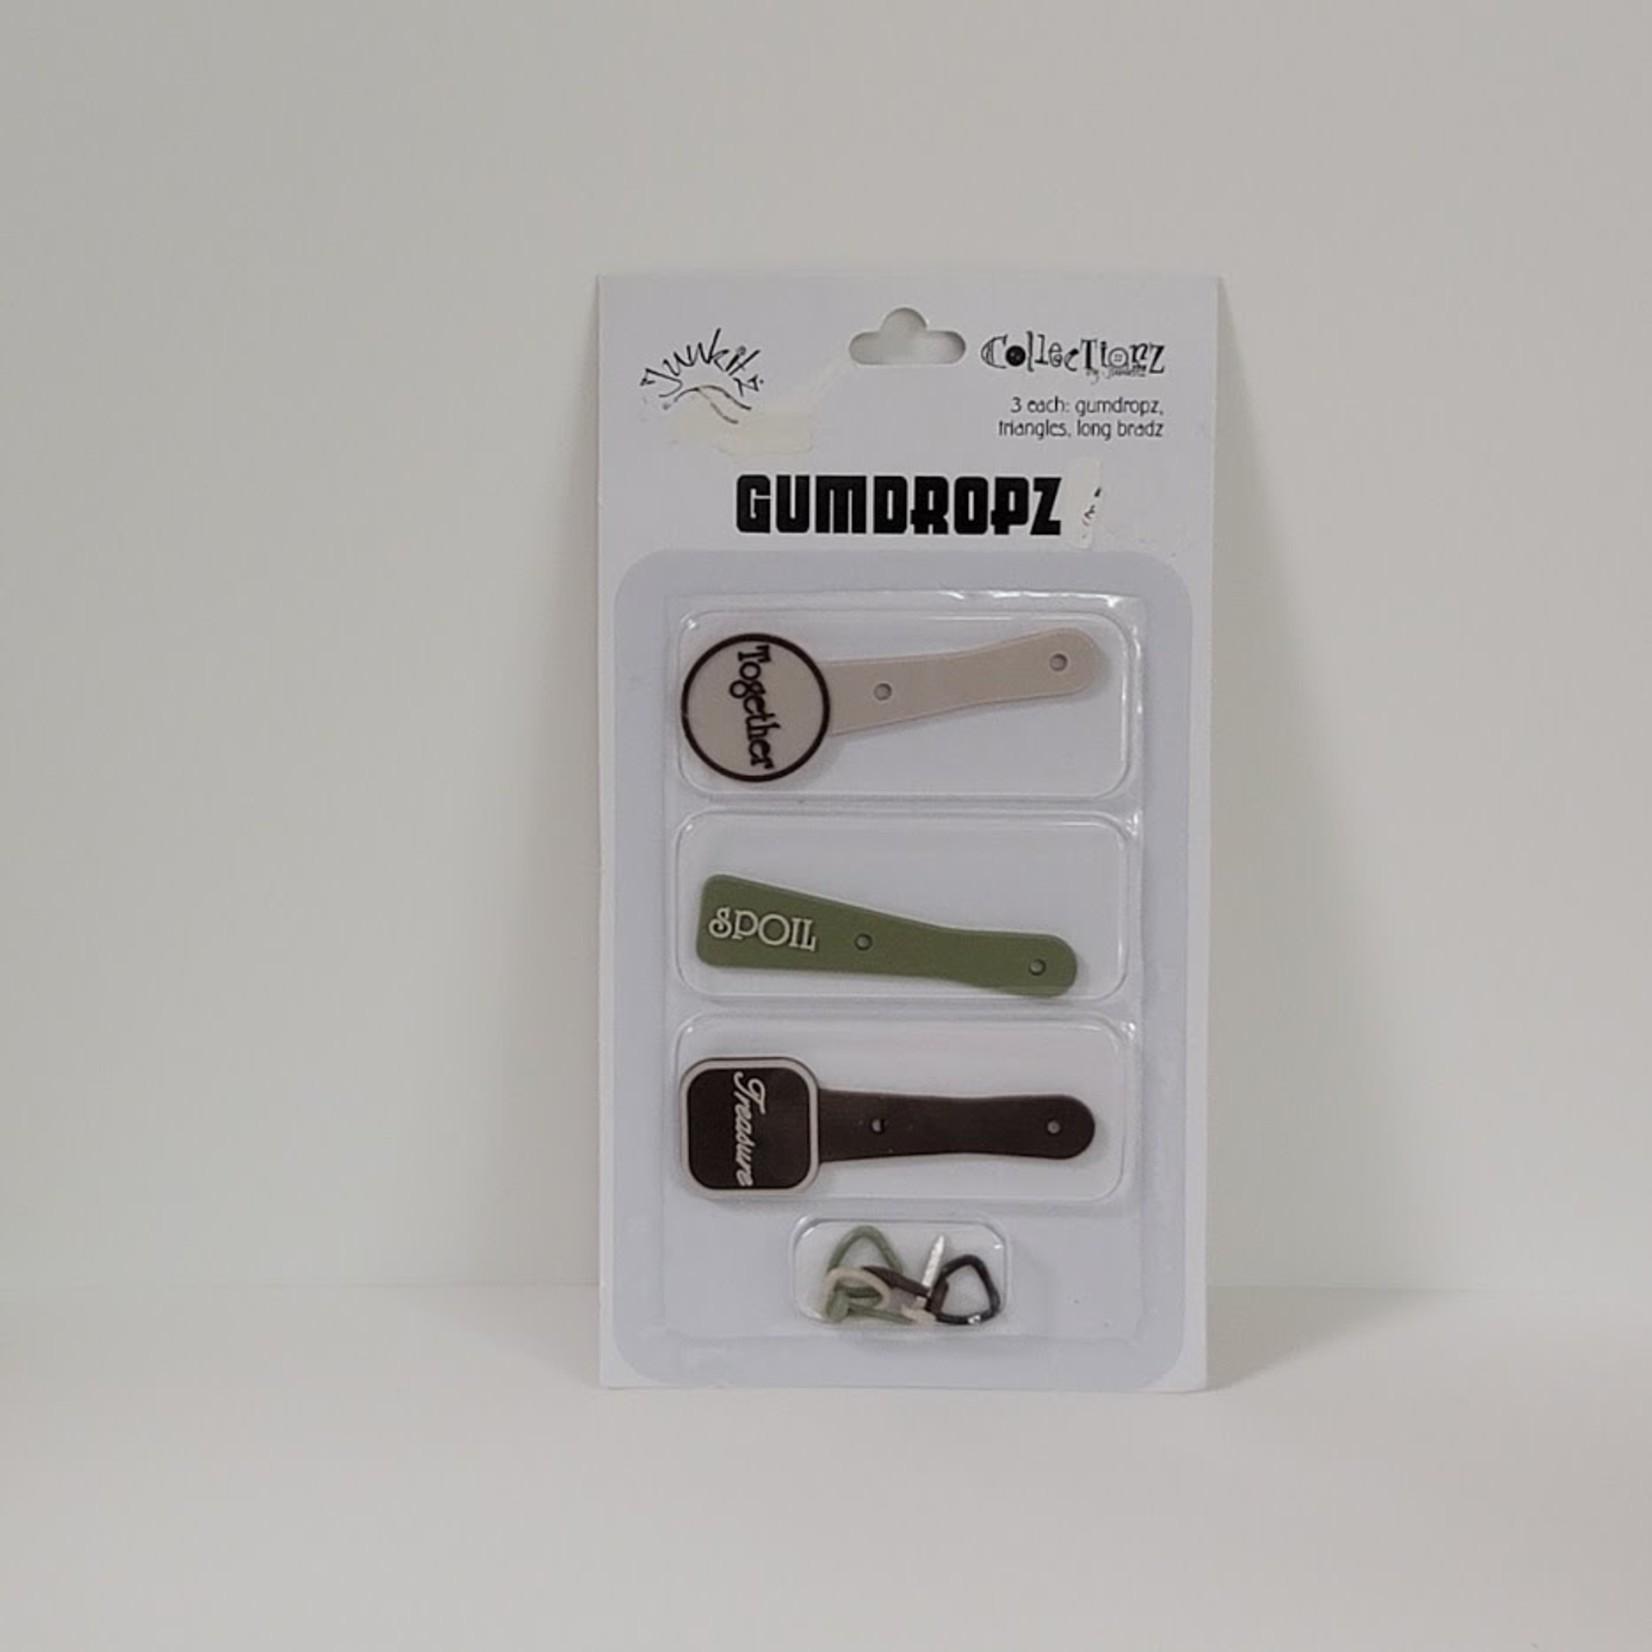 Gumdropz - Grandparents